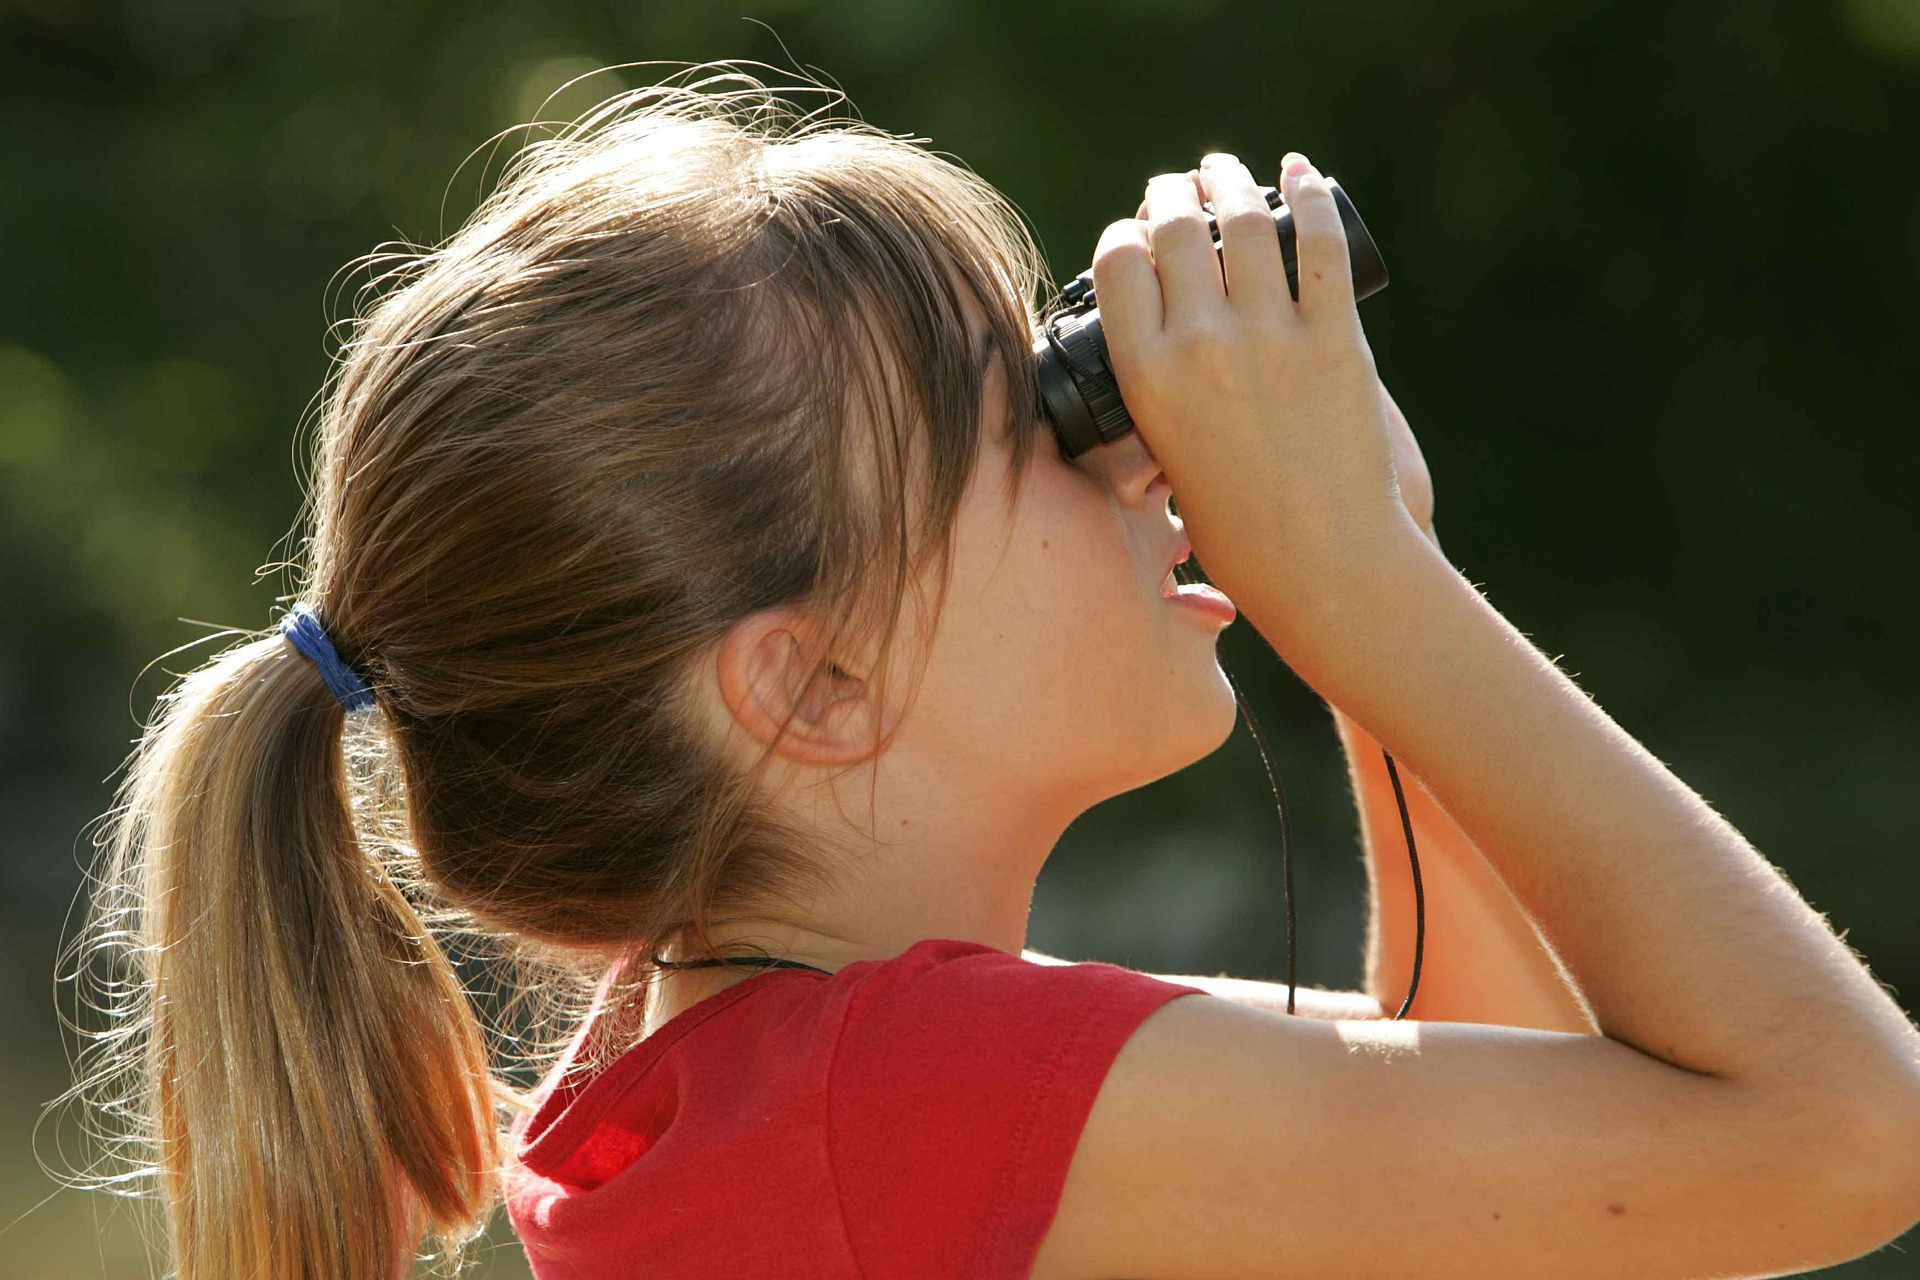 binoculars-387334_1920.jpg